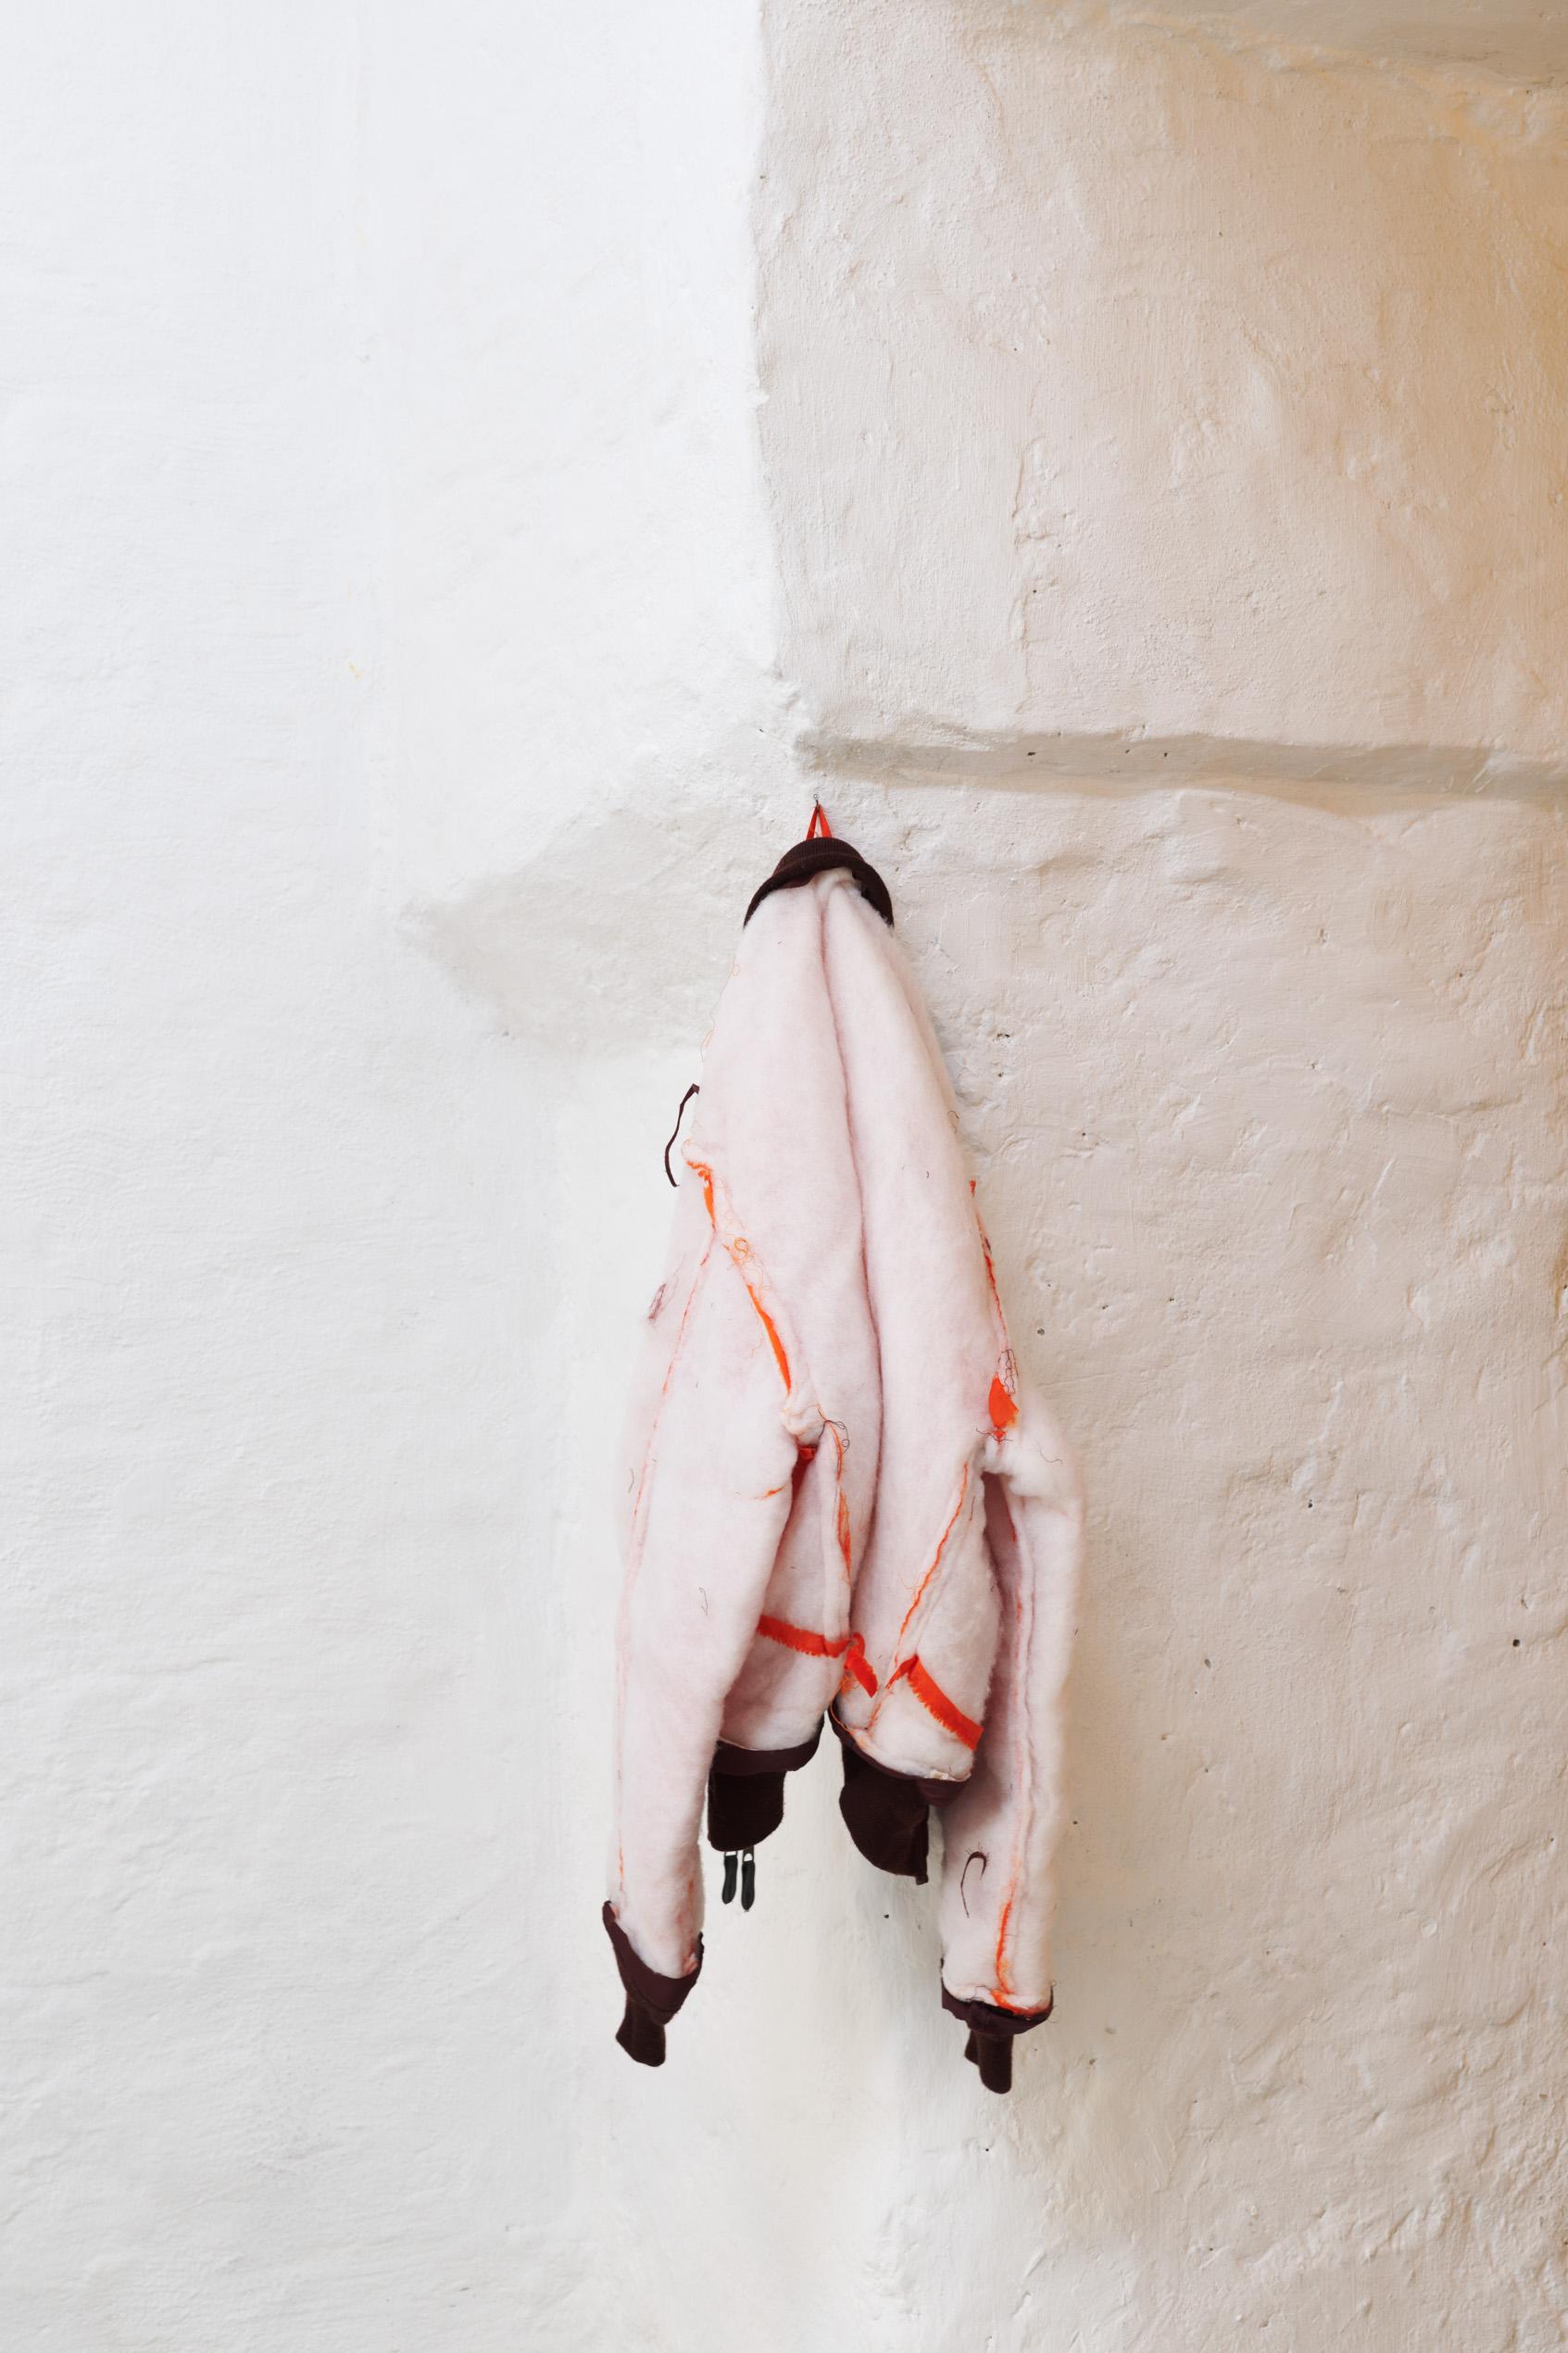 Simon Mullan, Naked bomber jacket, 2019